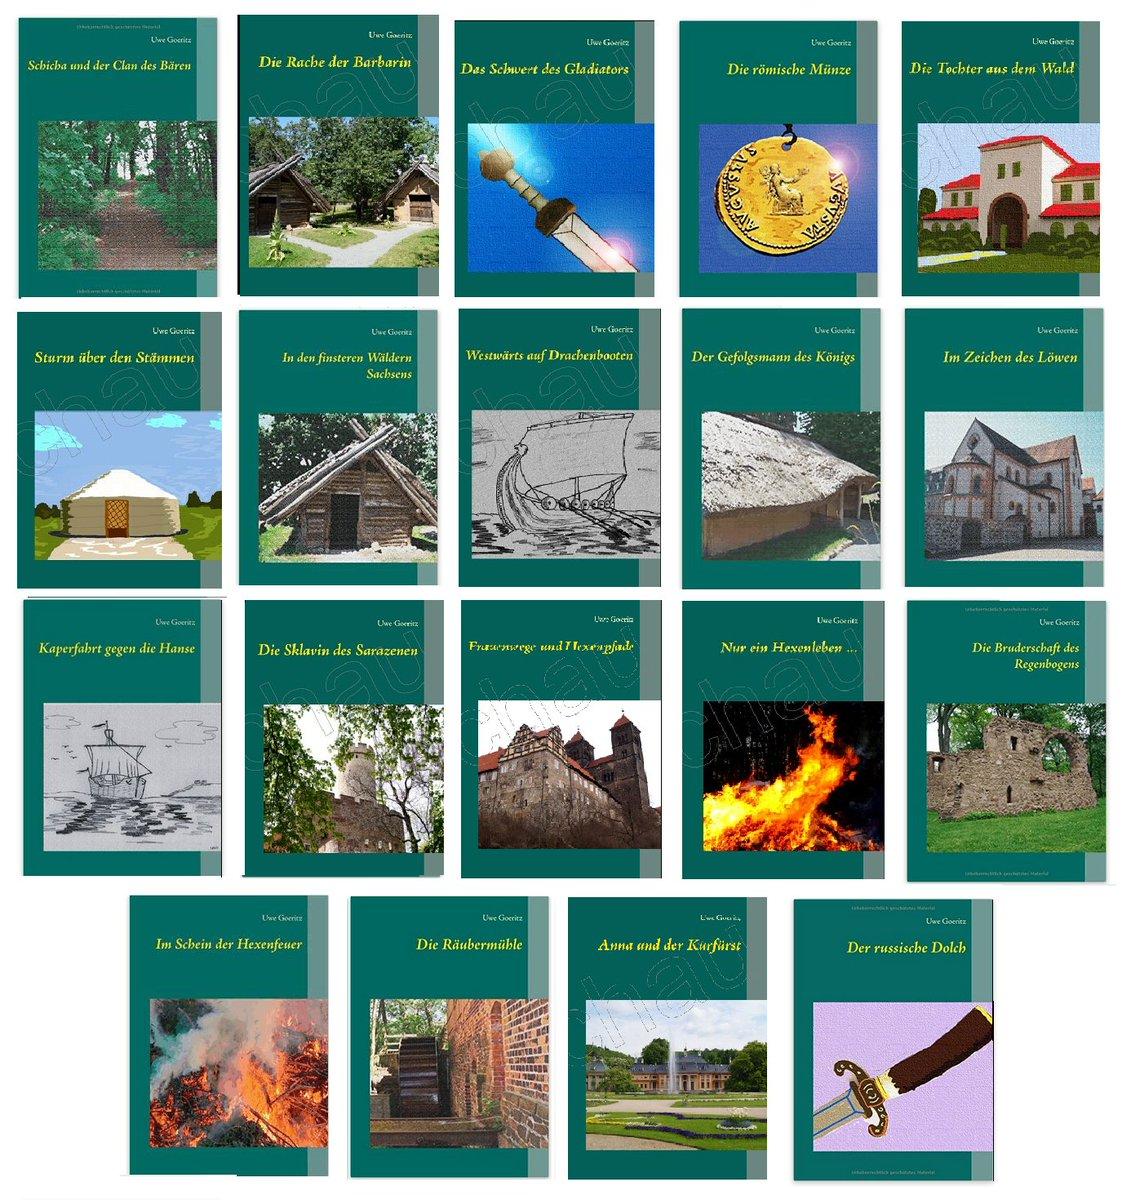 epub Temas de matemáticas Cuaderno 13: Gráficas, relaciones